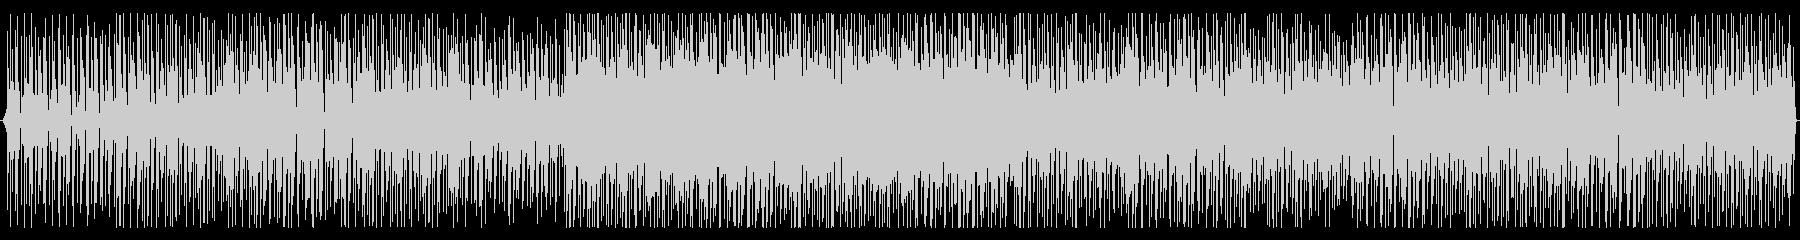 【ループ版】企業VP・CM …ファンクの未再生の波形